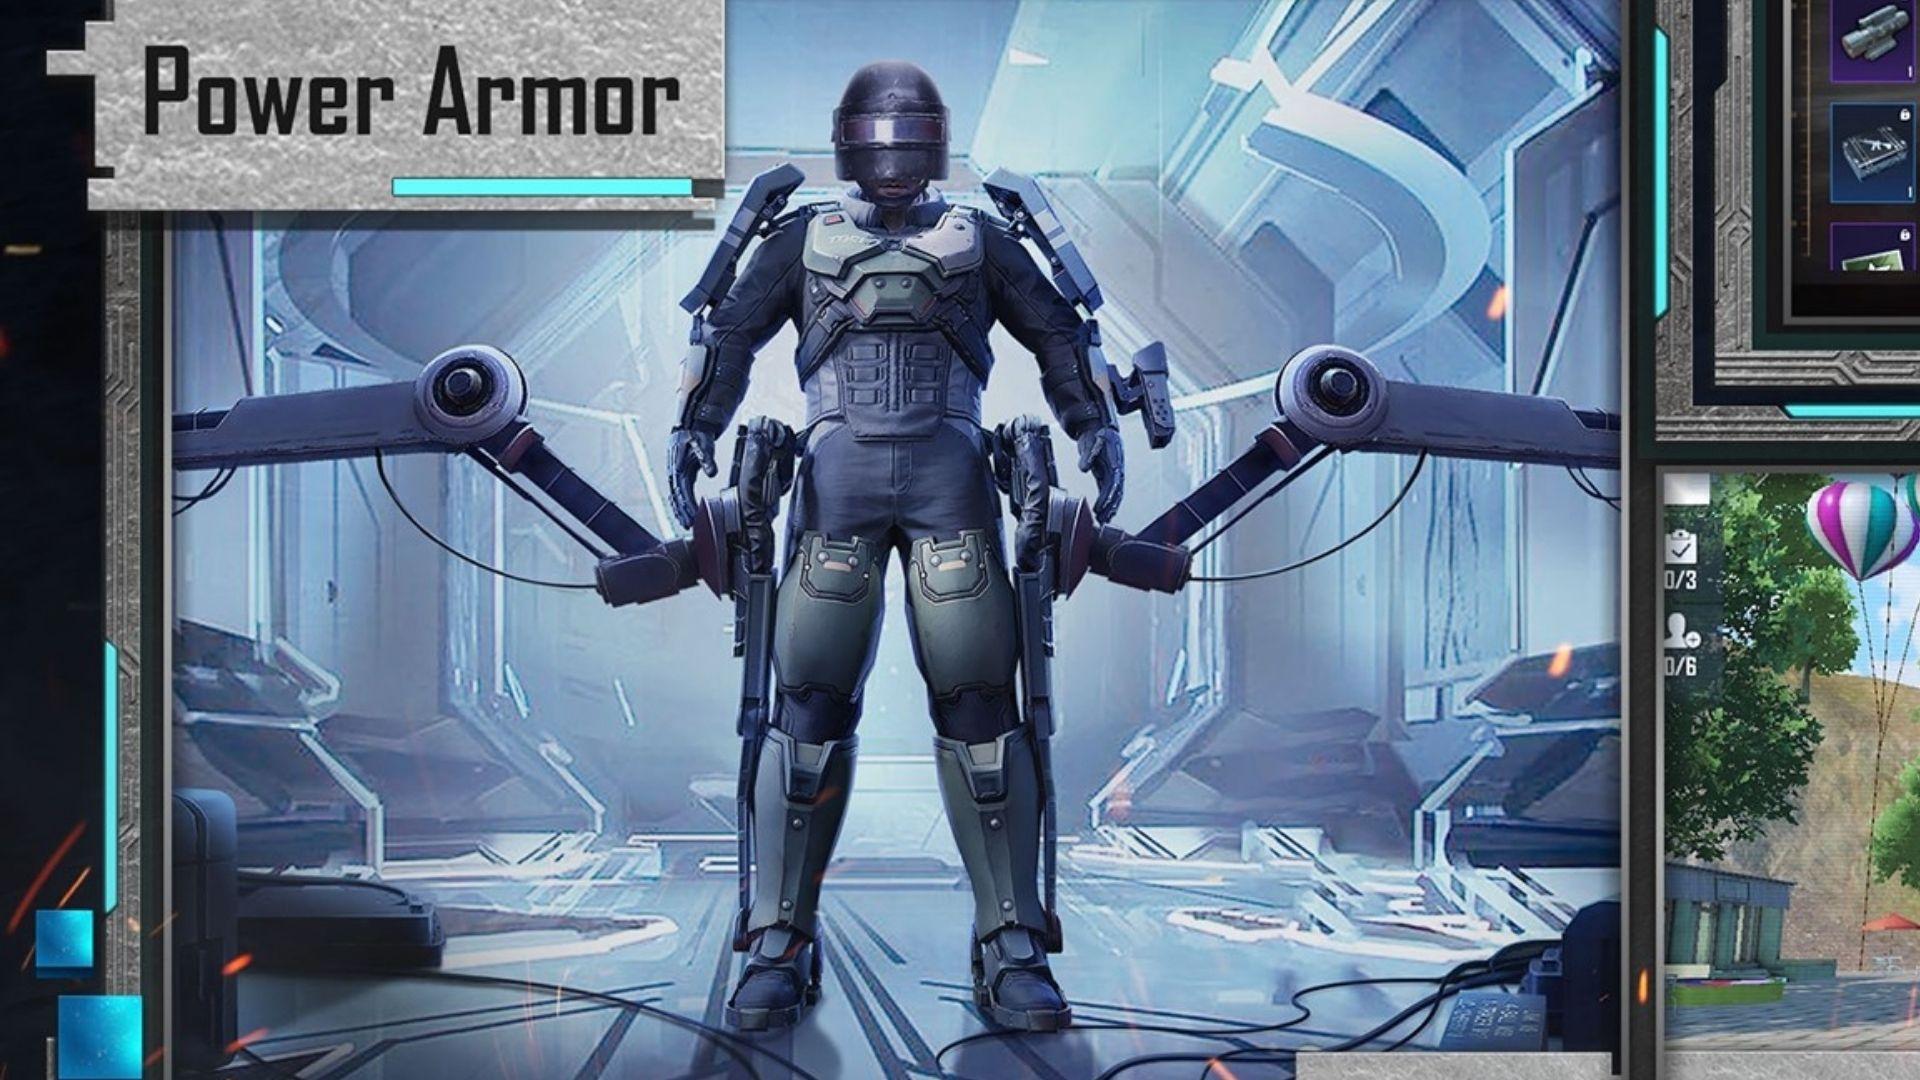 PUBG Mobile Power Armor suit